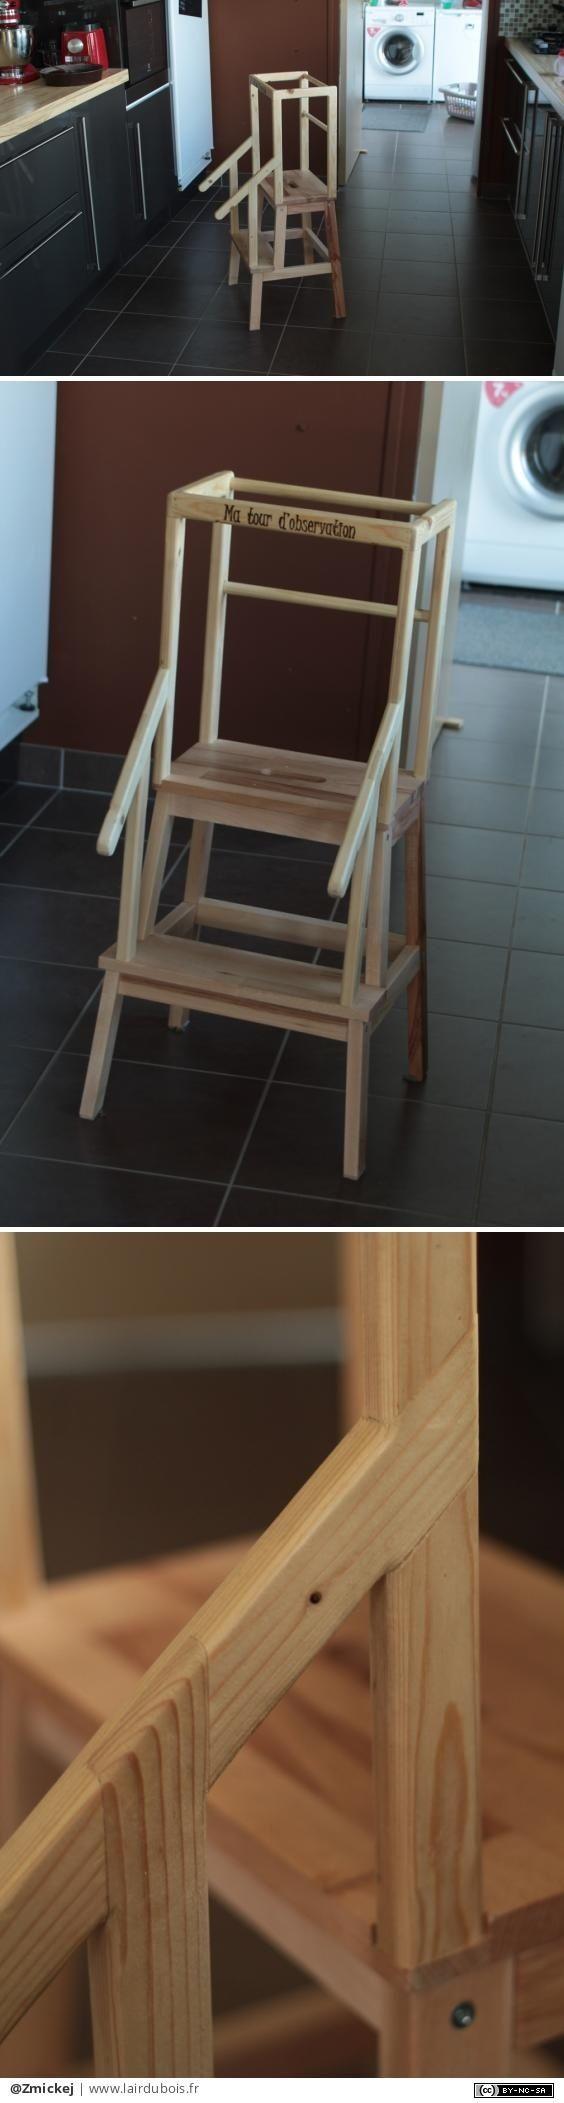 Tabouret Montessori customisé par Zmickej - Un petit tabouret customisé.Je suis parti d'une base de tabouret ikea et j'ai ajouter un garde corps et des rampes.